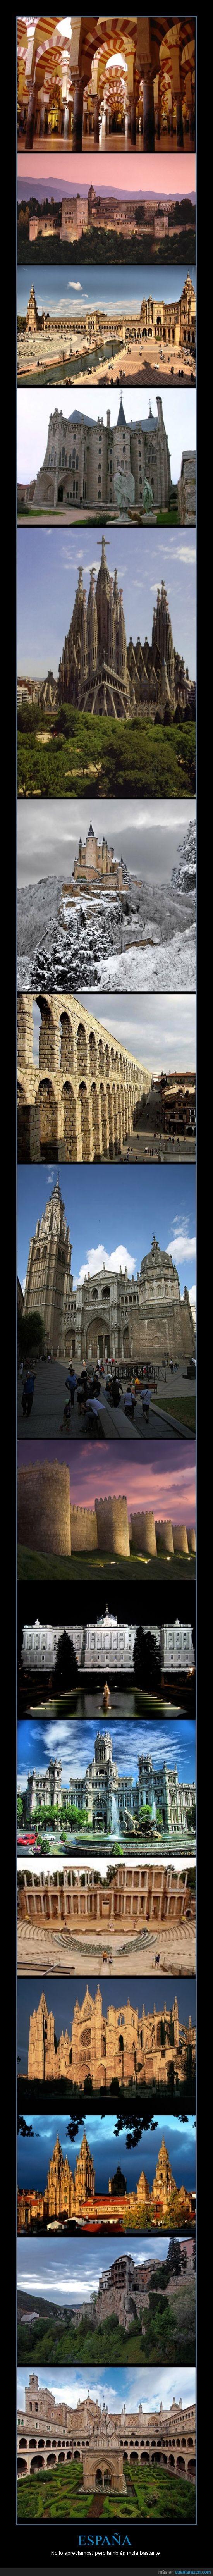 Alcázar Segovia,Astorga,Ávila,Barcelona,Córdoba,Cuenca,Faltan muchisimos más,Granada,León,Madrid,Mérida,Monasterio de Guadalupe,Santiago de Compostela,Sevilla,Toledo